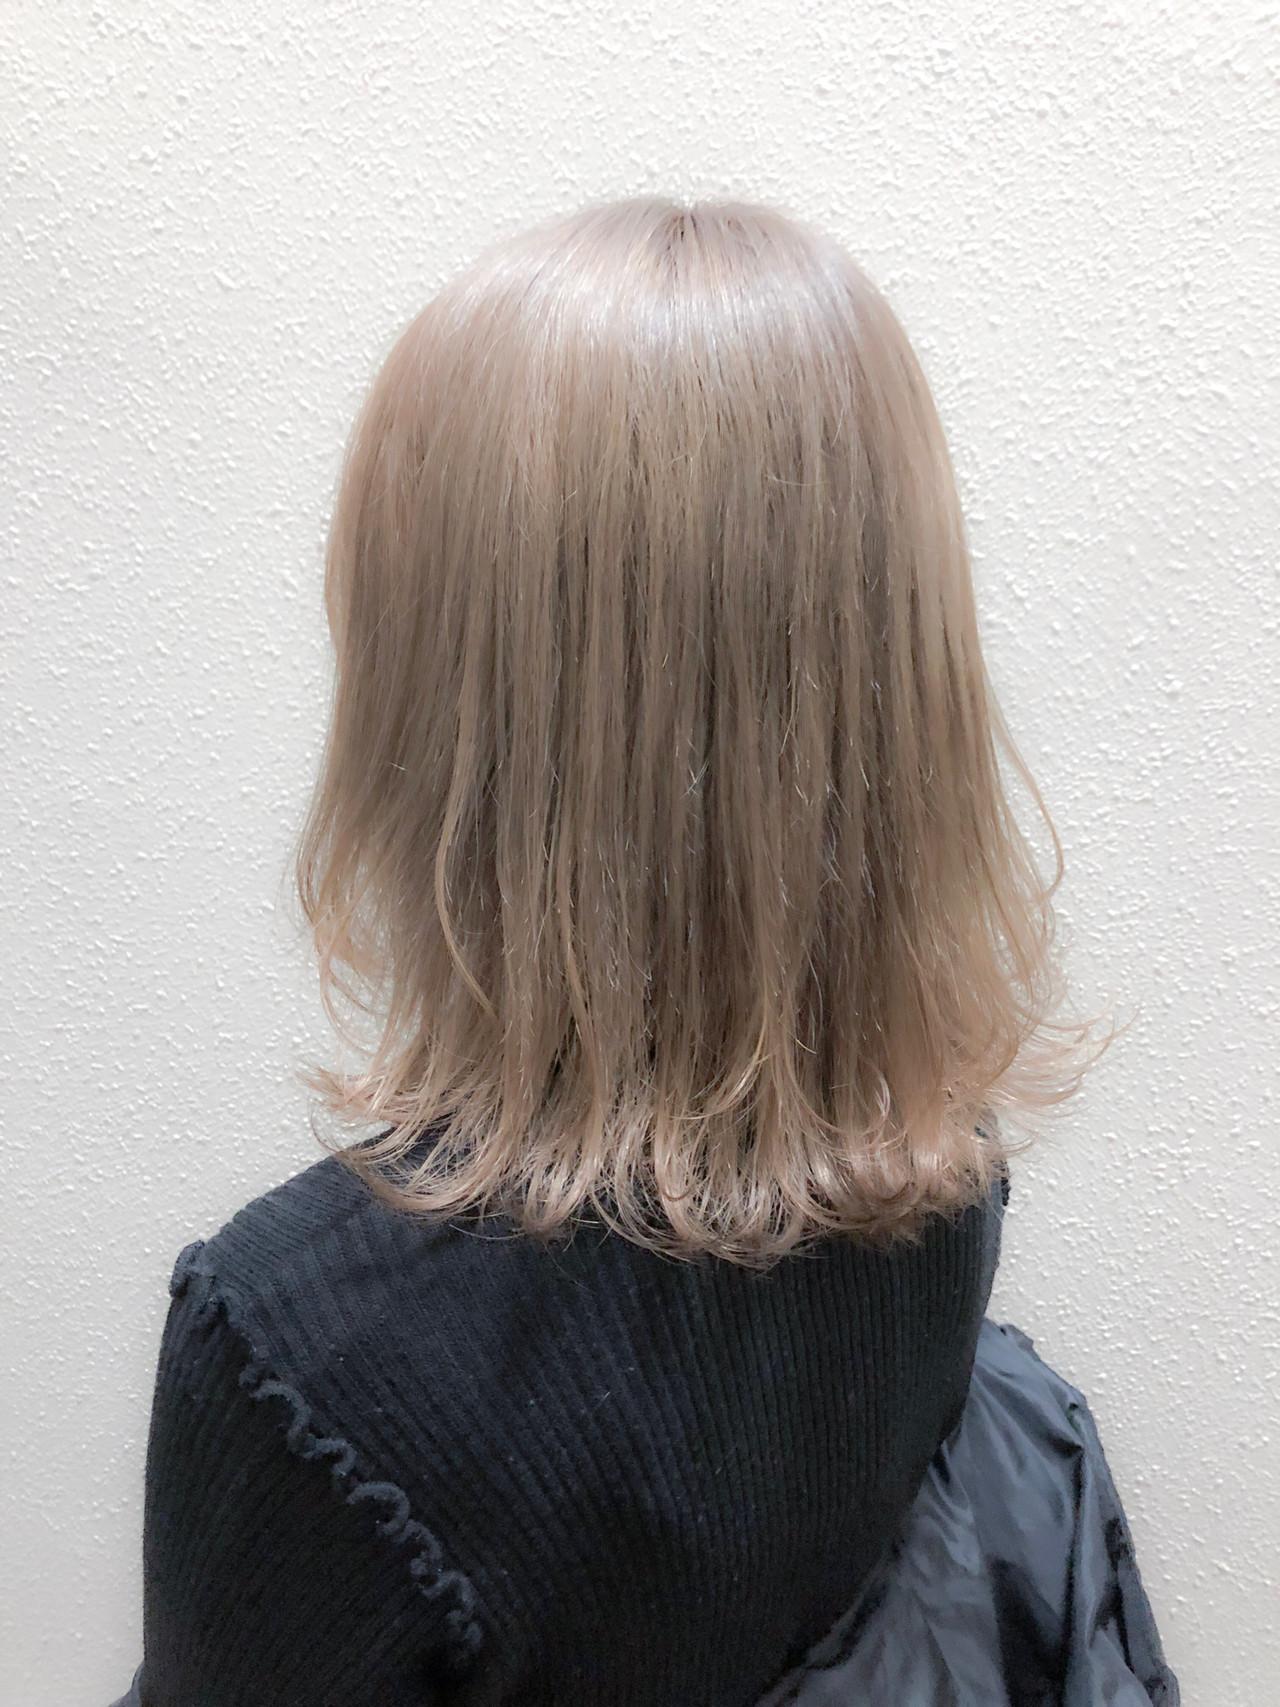 ブリーチベースの透明感ミルクティーアッシュヘア Asuka Nagae